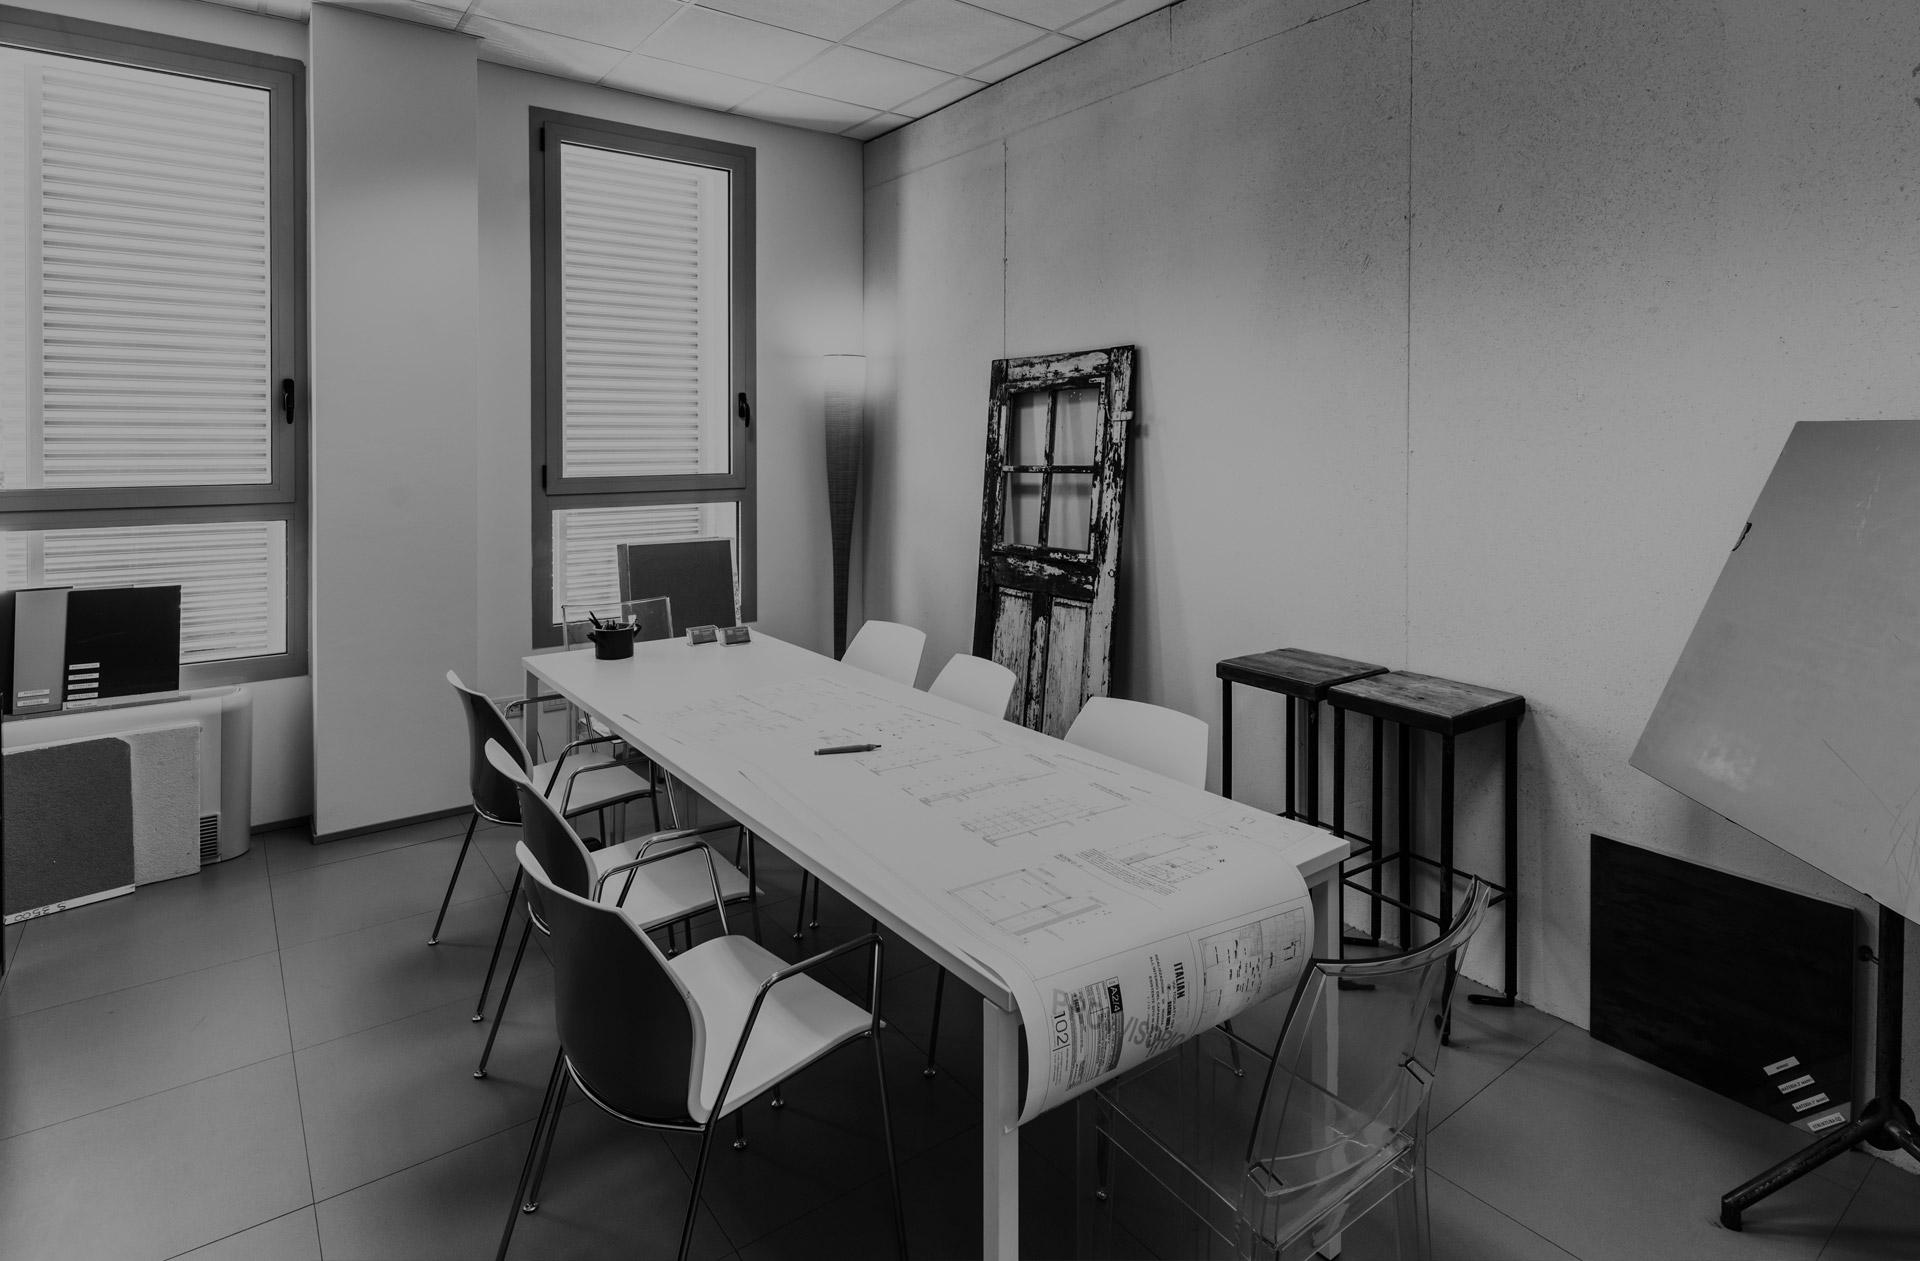 Ufficio Di Direzione Lavori : Direzione lavori edili imola direttore di cantiere studio 102